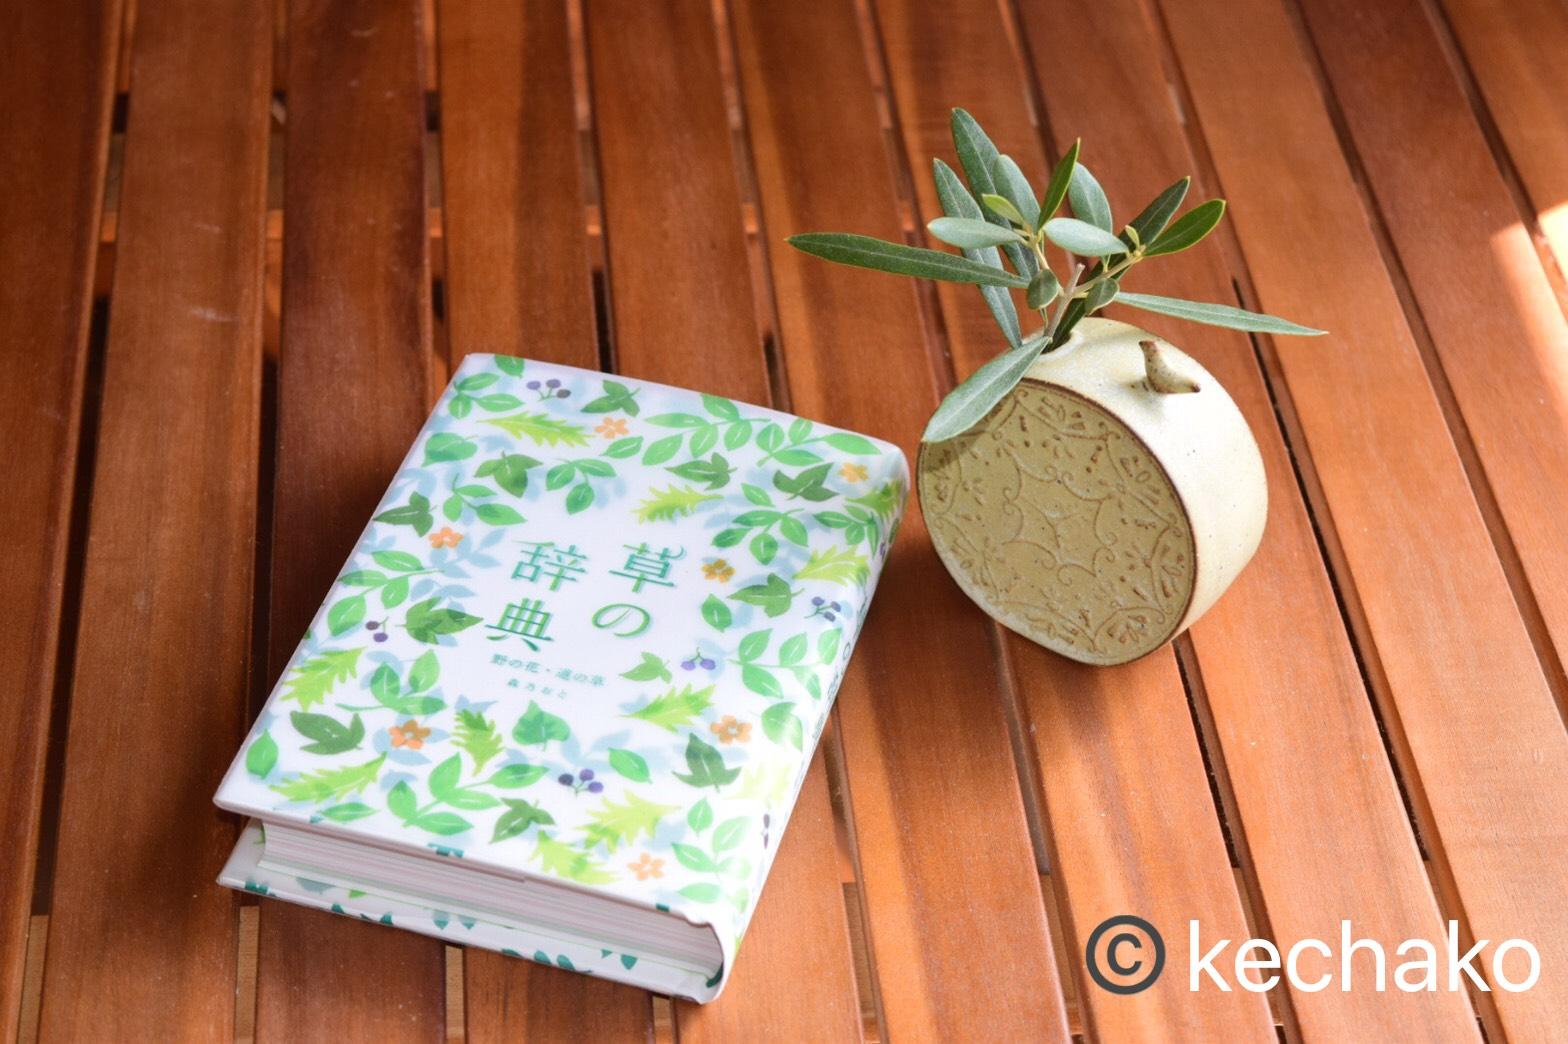 草の辞典とオリーブの小枝